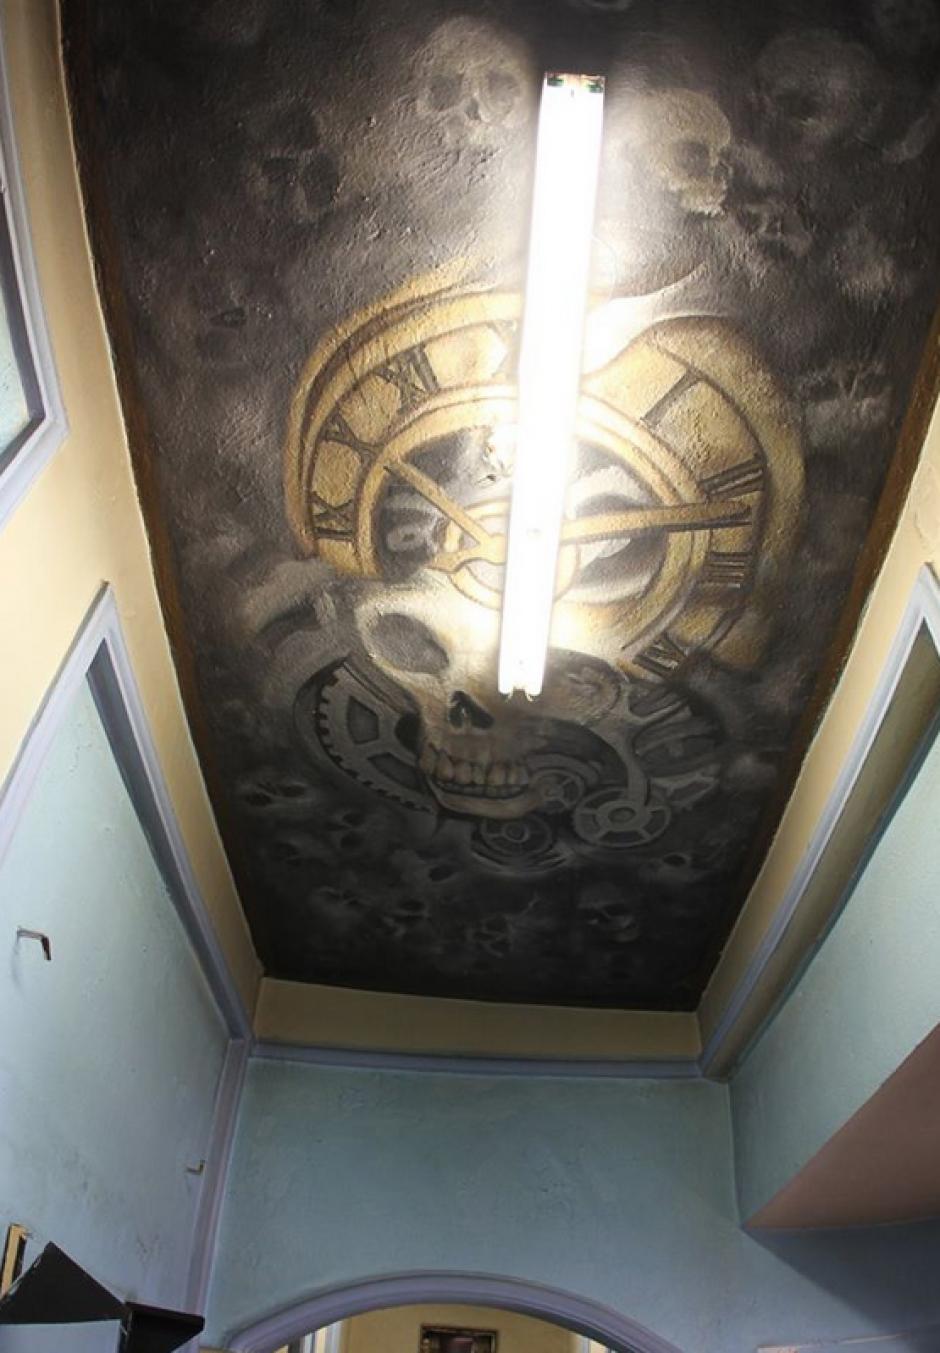 En algunos espacios destacaban los dibujos hechos por los reos. (Foto: Comunicación Social del Estado de Nuevo León)